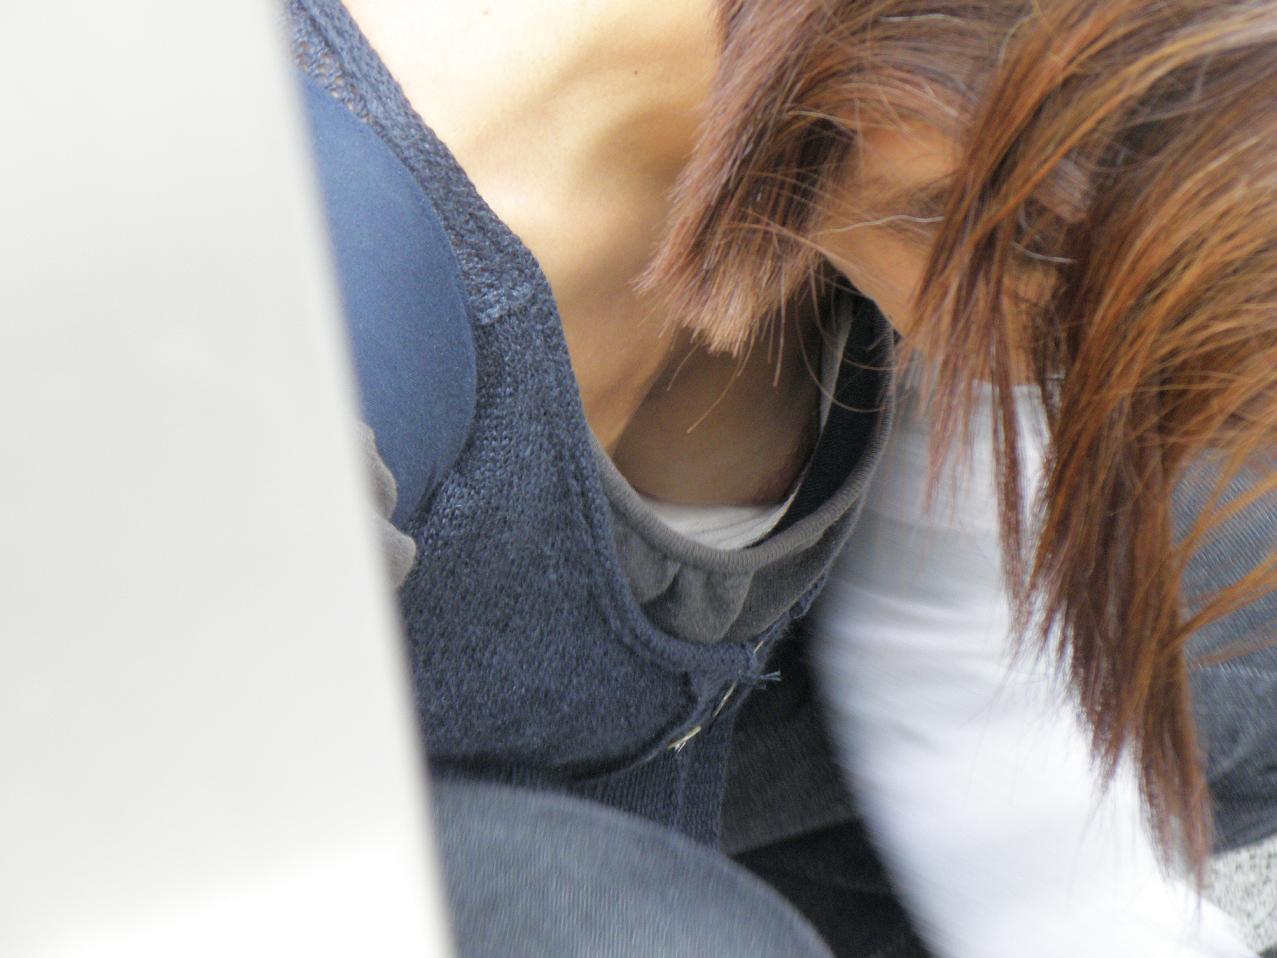 襟元 ガバガバ 胸元 パックリ 胸チラ エロ画像【5】